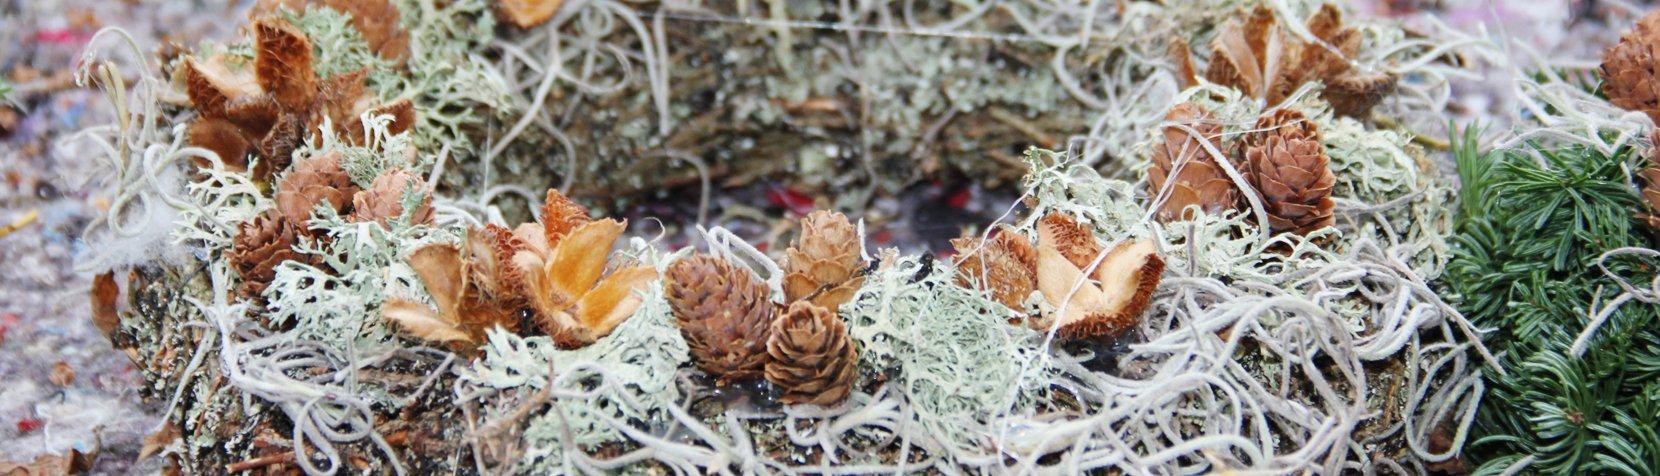 Krans med gran og mos fremstillet af brugerne på Naturværkstedet